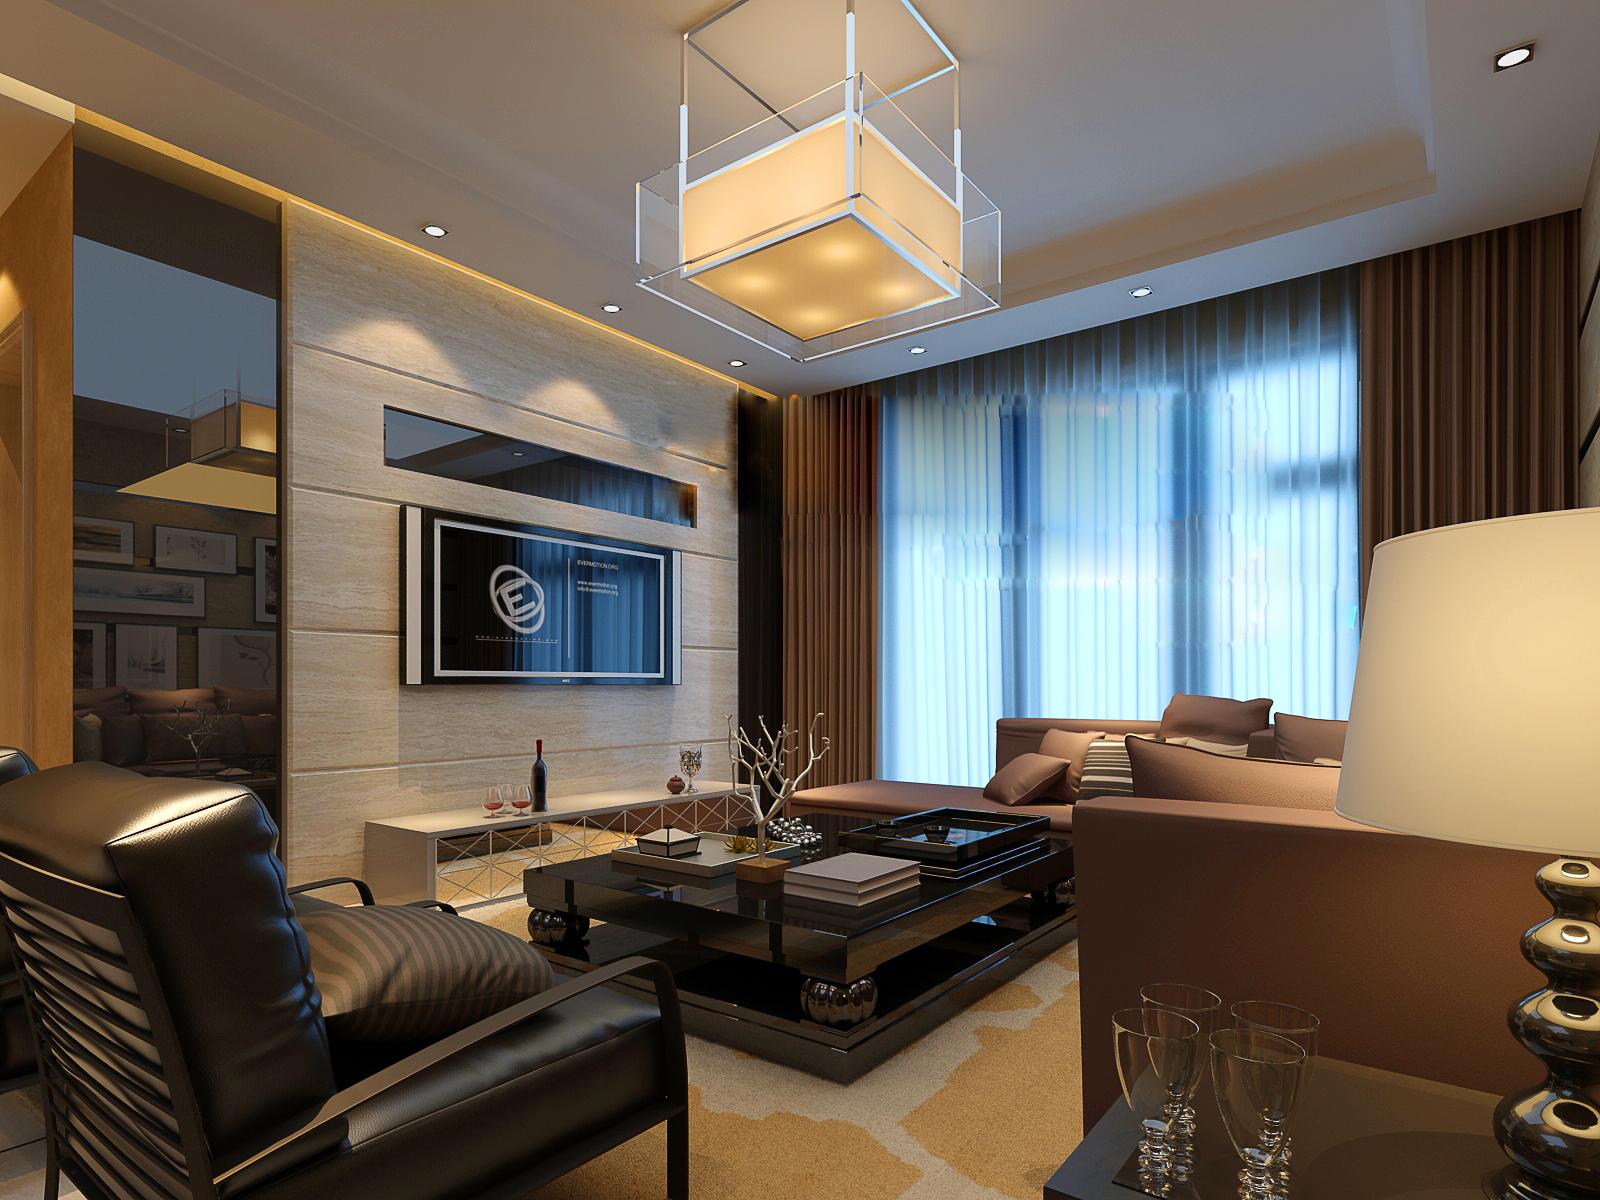 二居 简约 客厅图片来自武汉一号家居网装修在南湖山庄半岛花园95平现代2室2厅的分享